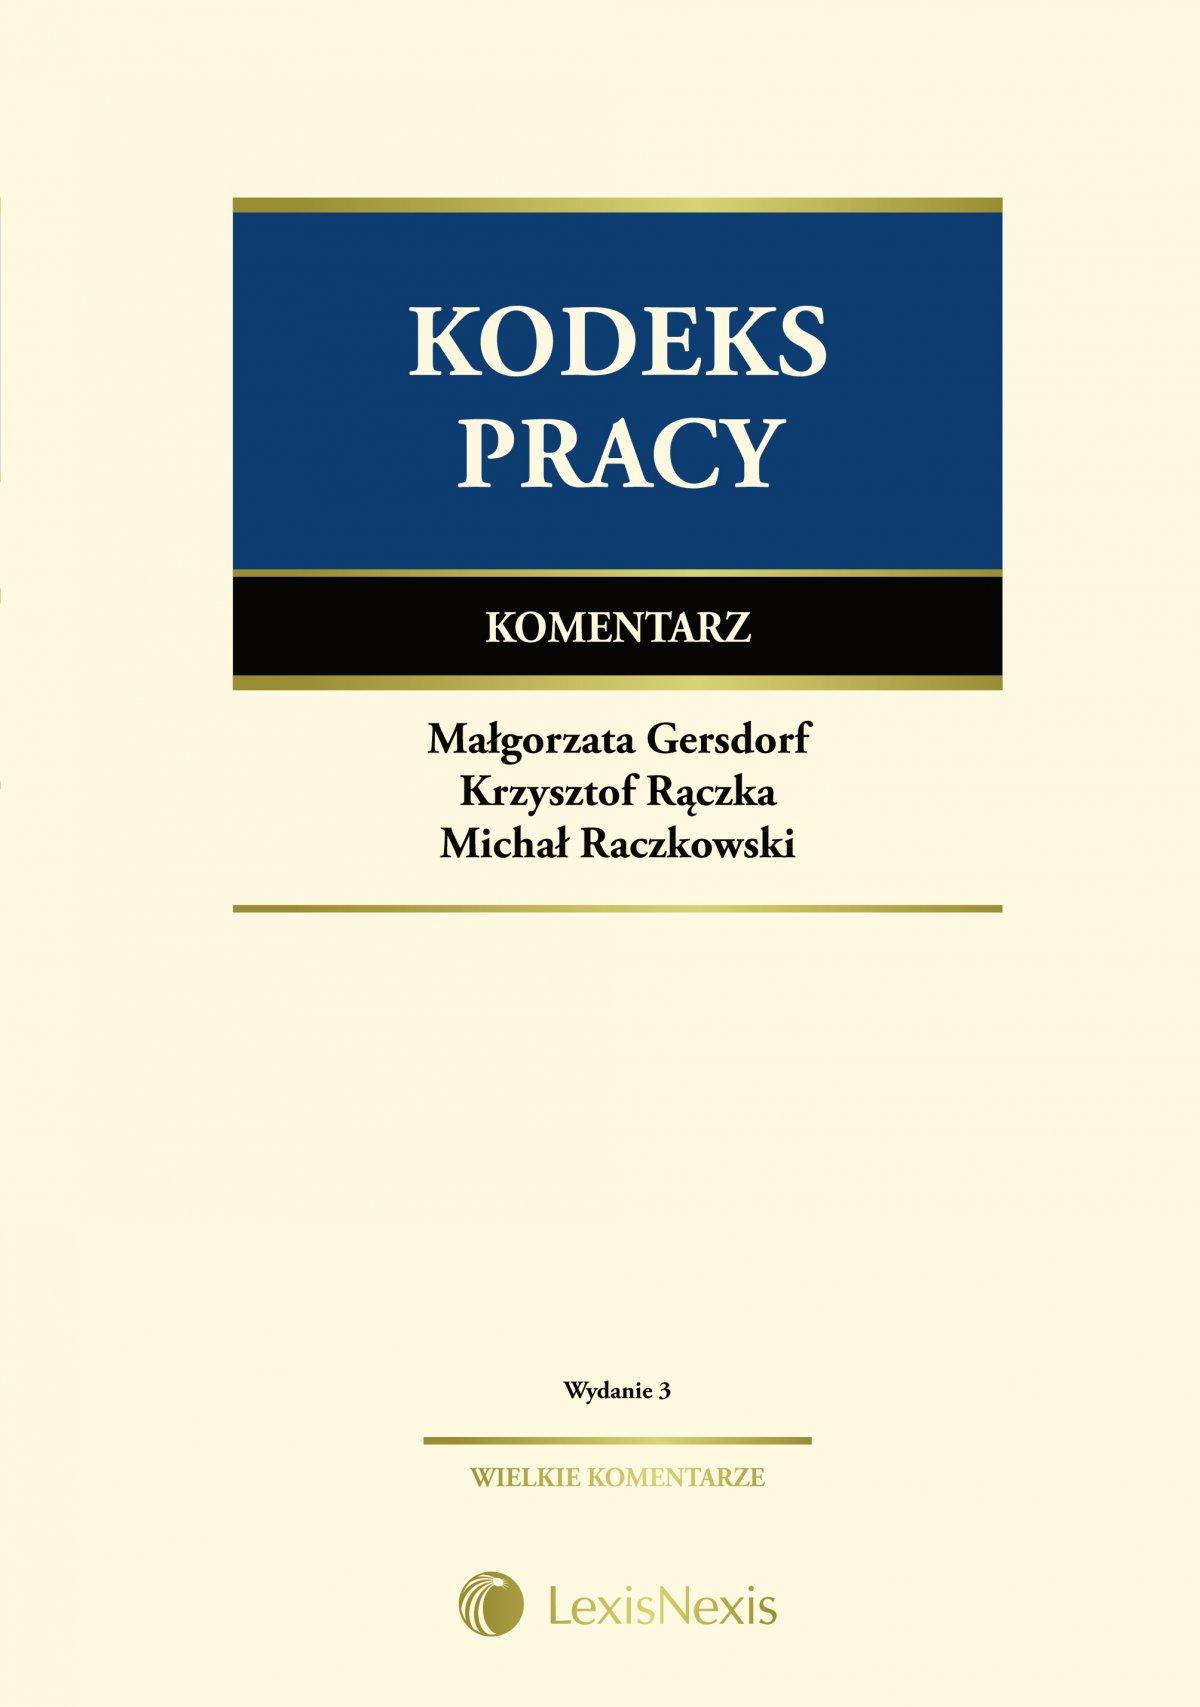 Kodeks pracy. Komentarz. Wydanie 3 - Ebook (Książka EPUB) do pobrania w formacie EPUB